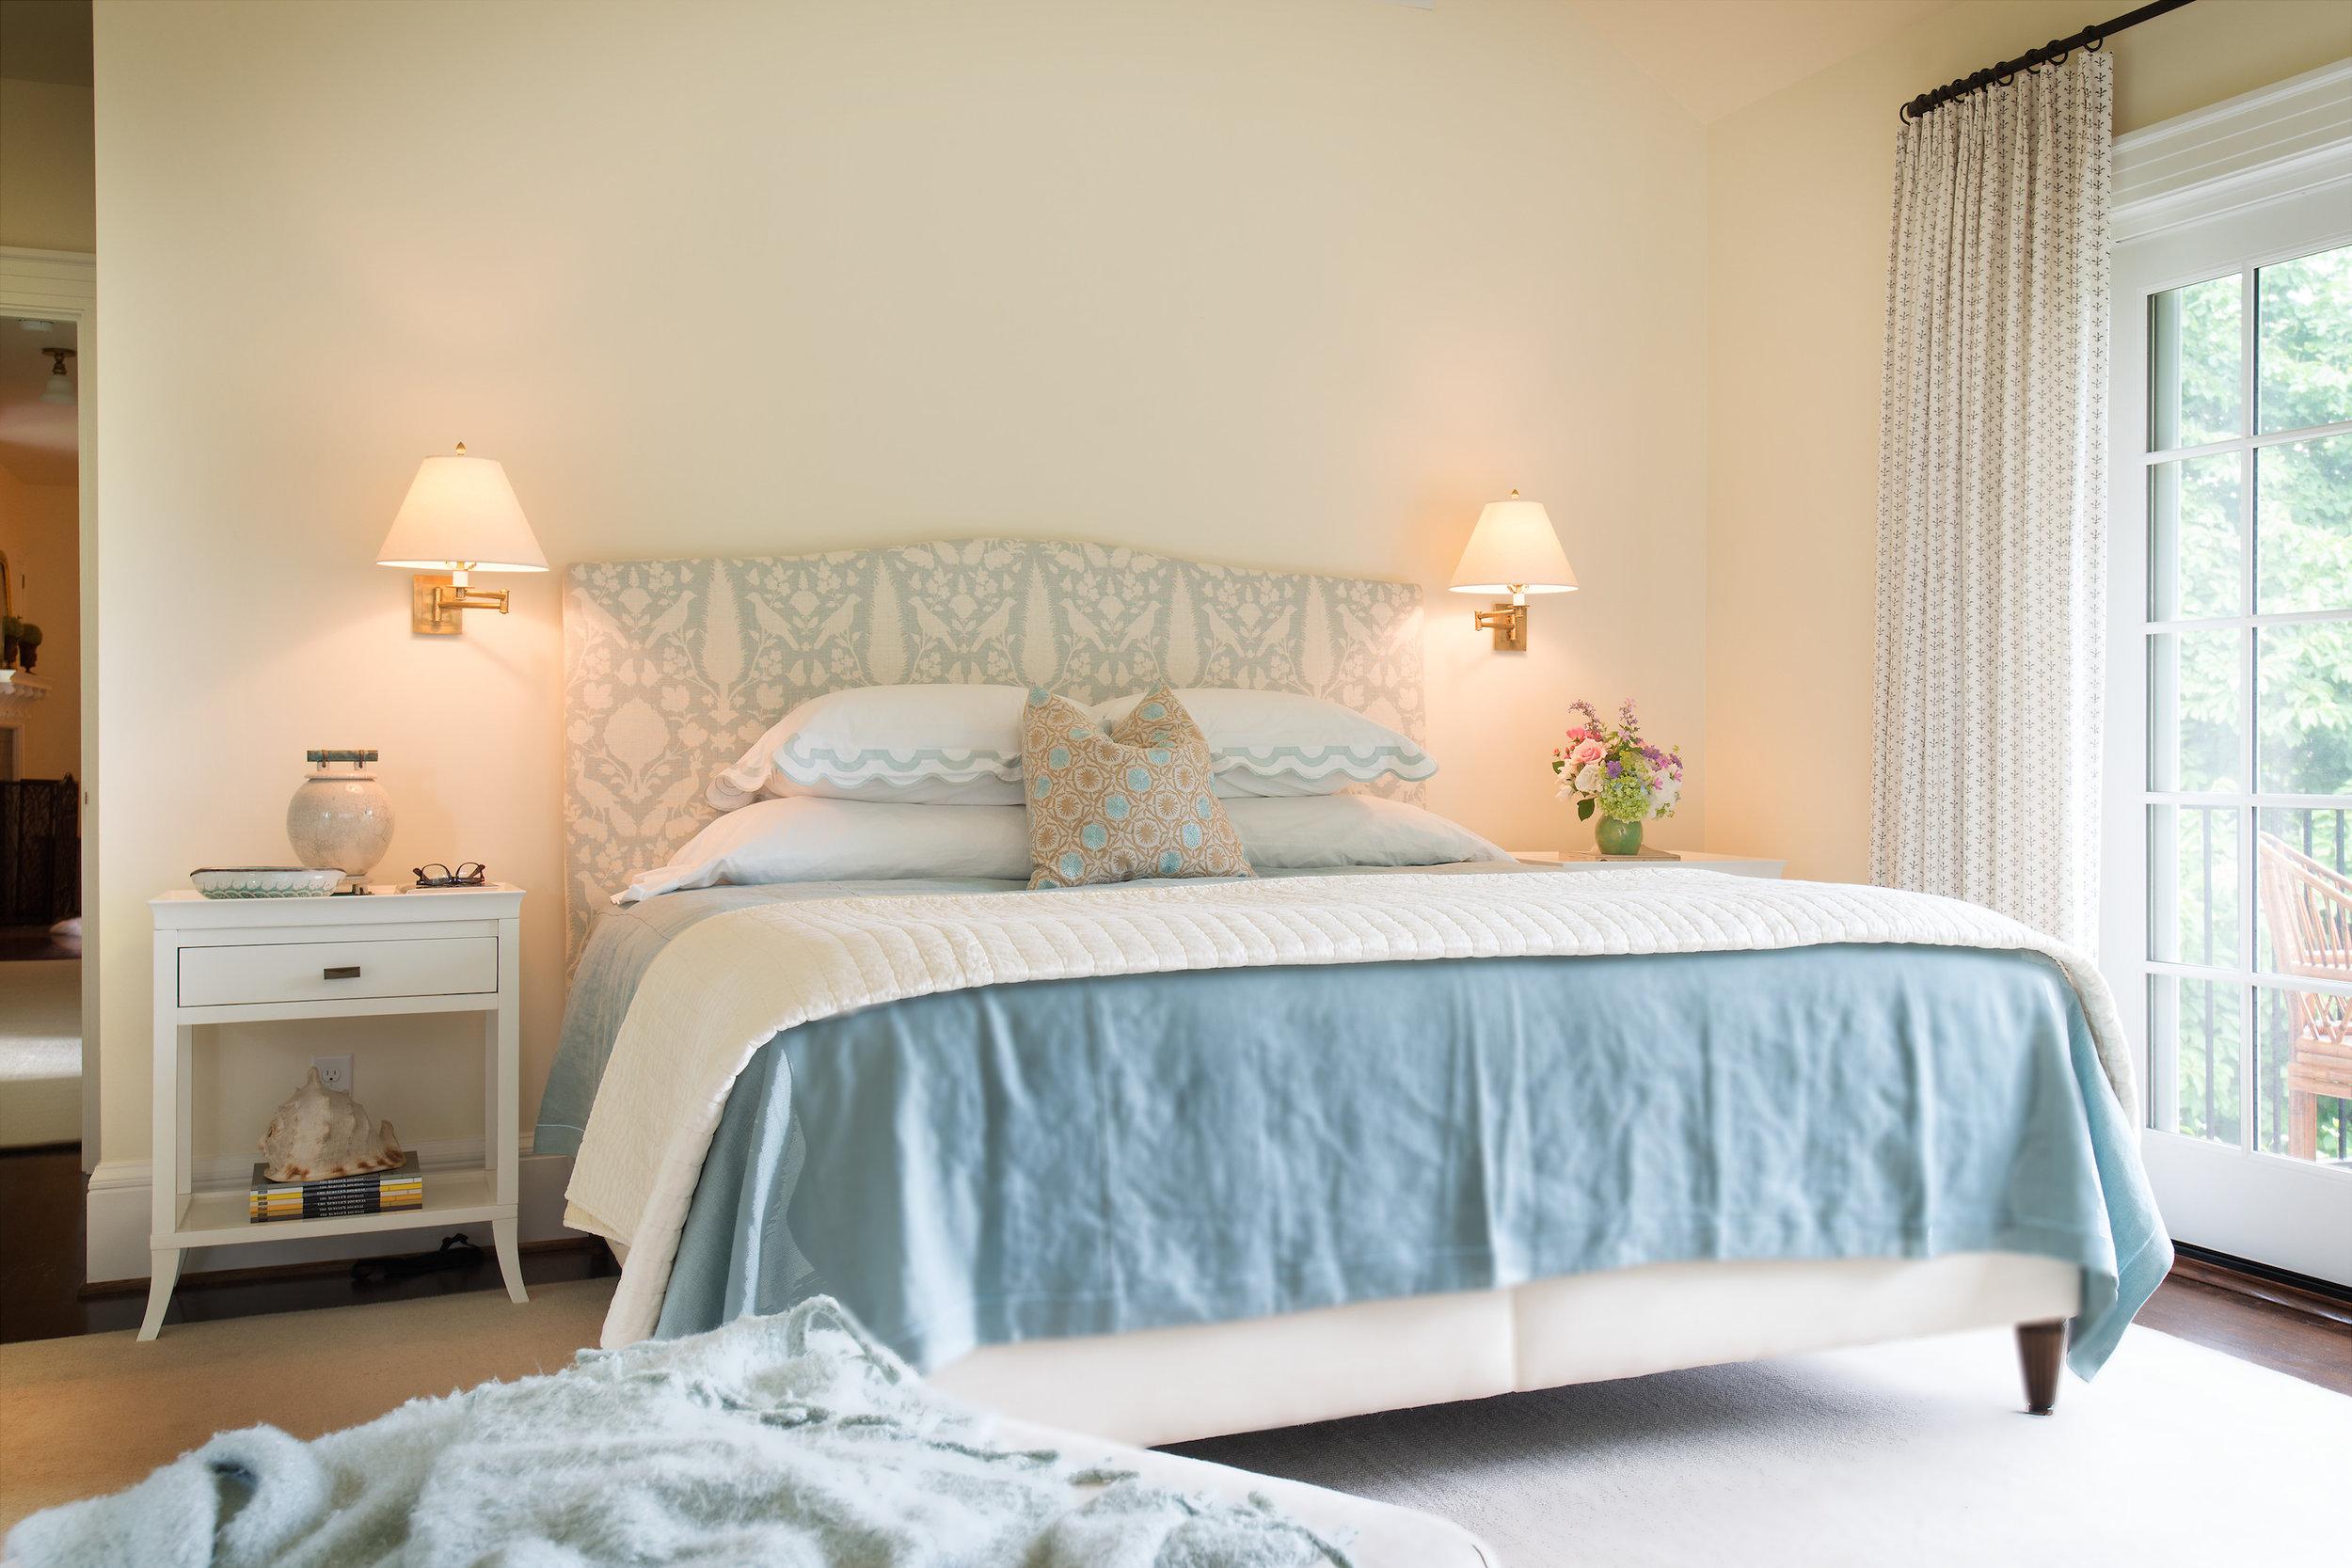 Bedroom interior design by Jenni Leasia Interior Design in Portland